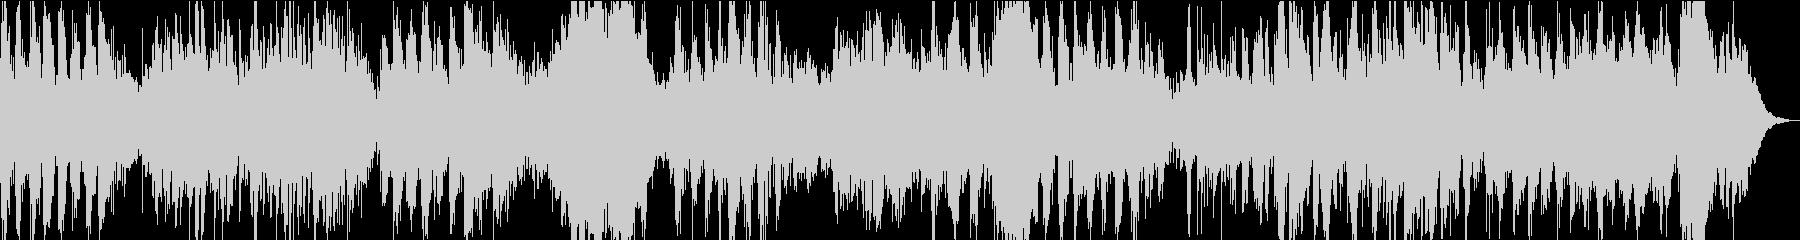 ソロピアノ。歌詞とロマン主義。プラ...の未再生の波形